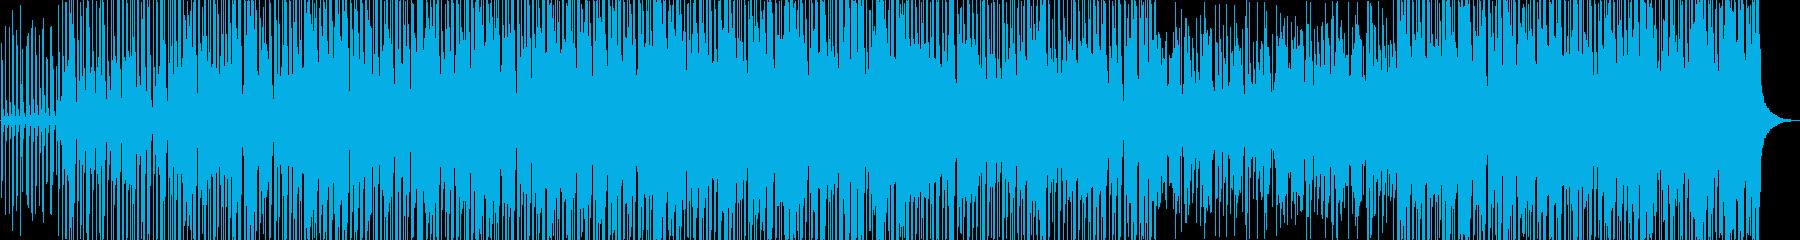 口笛メイン軽快なバンドサウンドの再生済みの波形